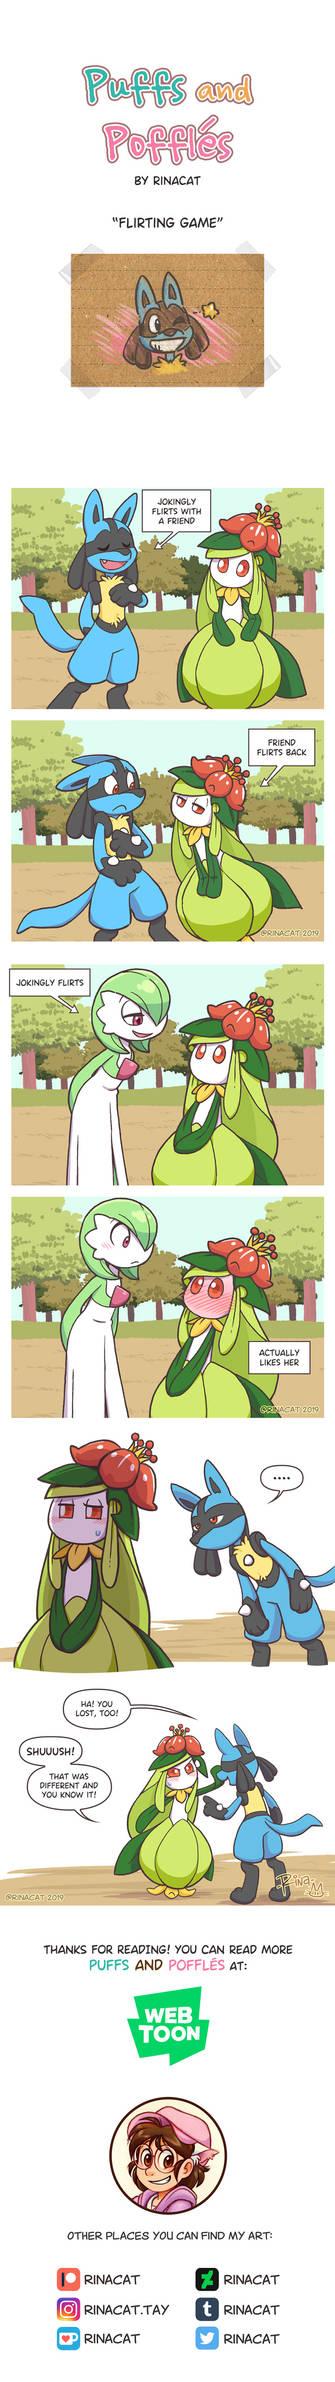 Flirting Game